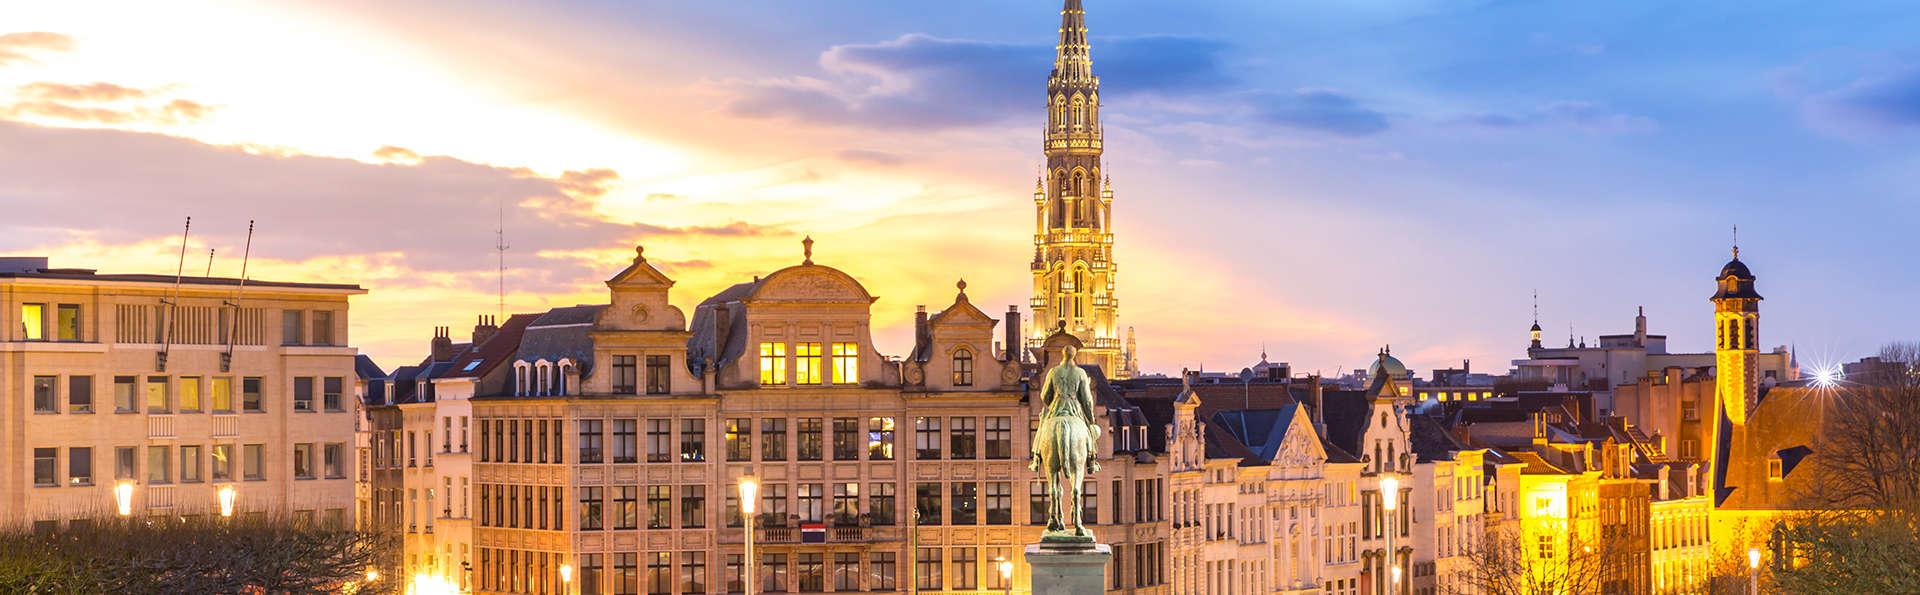 Escapade de luxe au coeur de Bruxelles